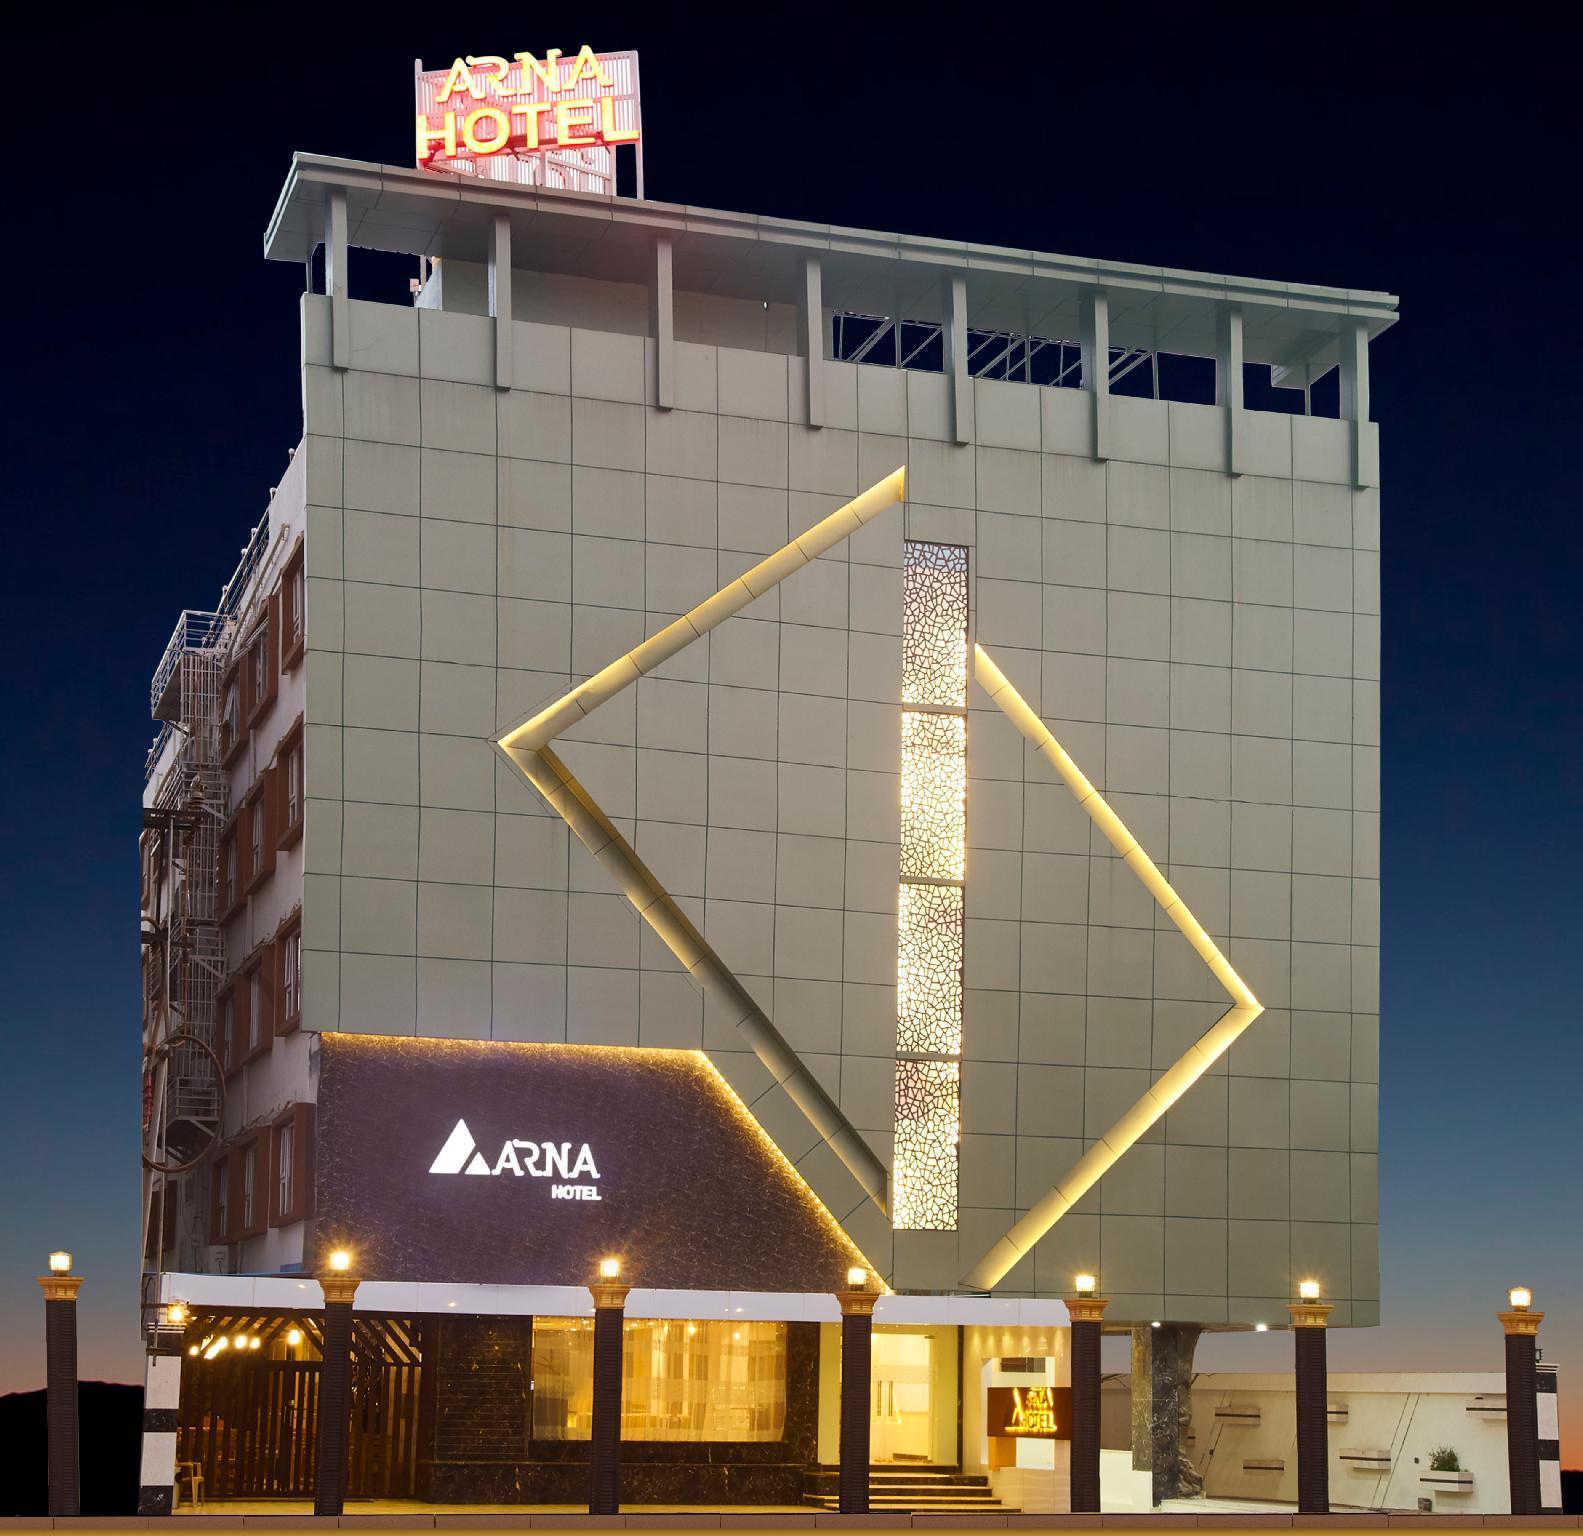 Arna Hotels